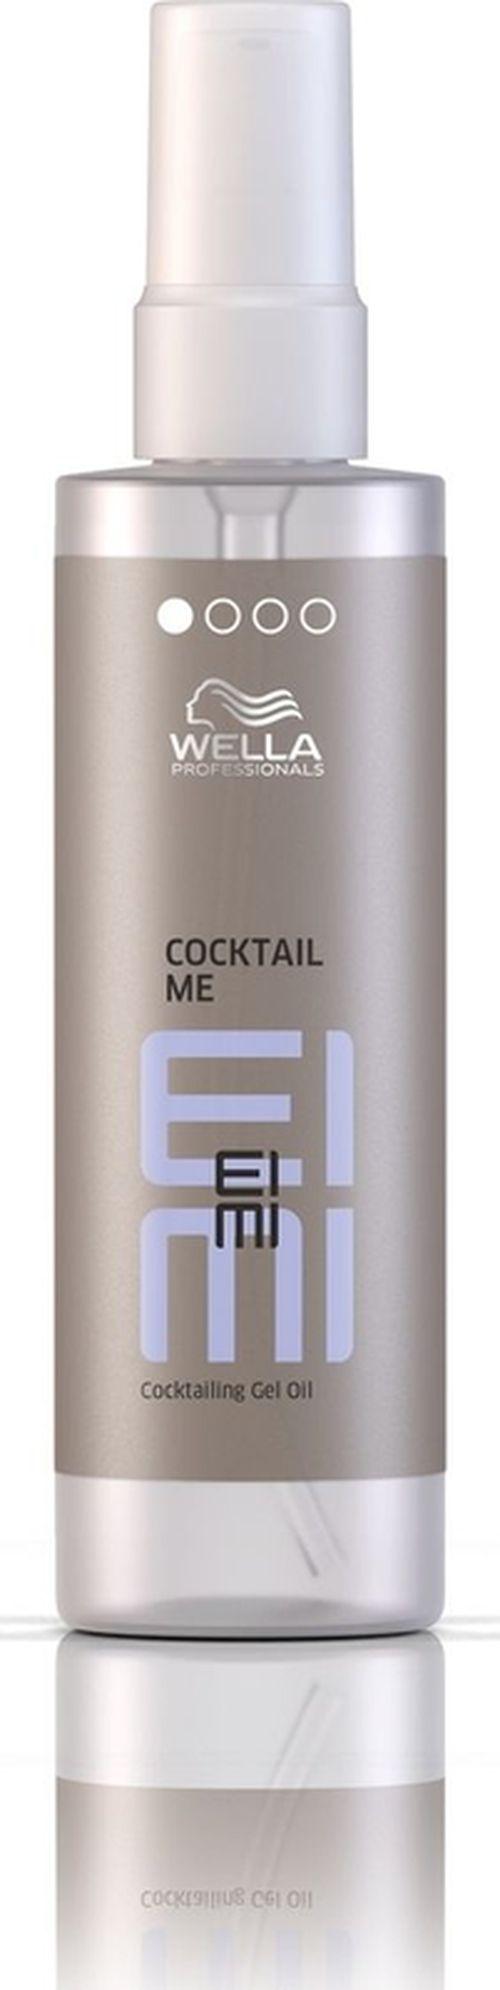 купить EIMI oil spritz 95 ml в Кишинёве